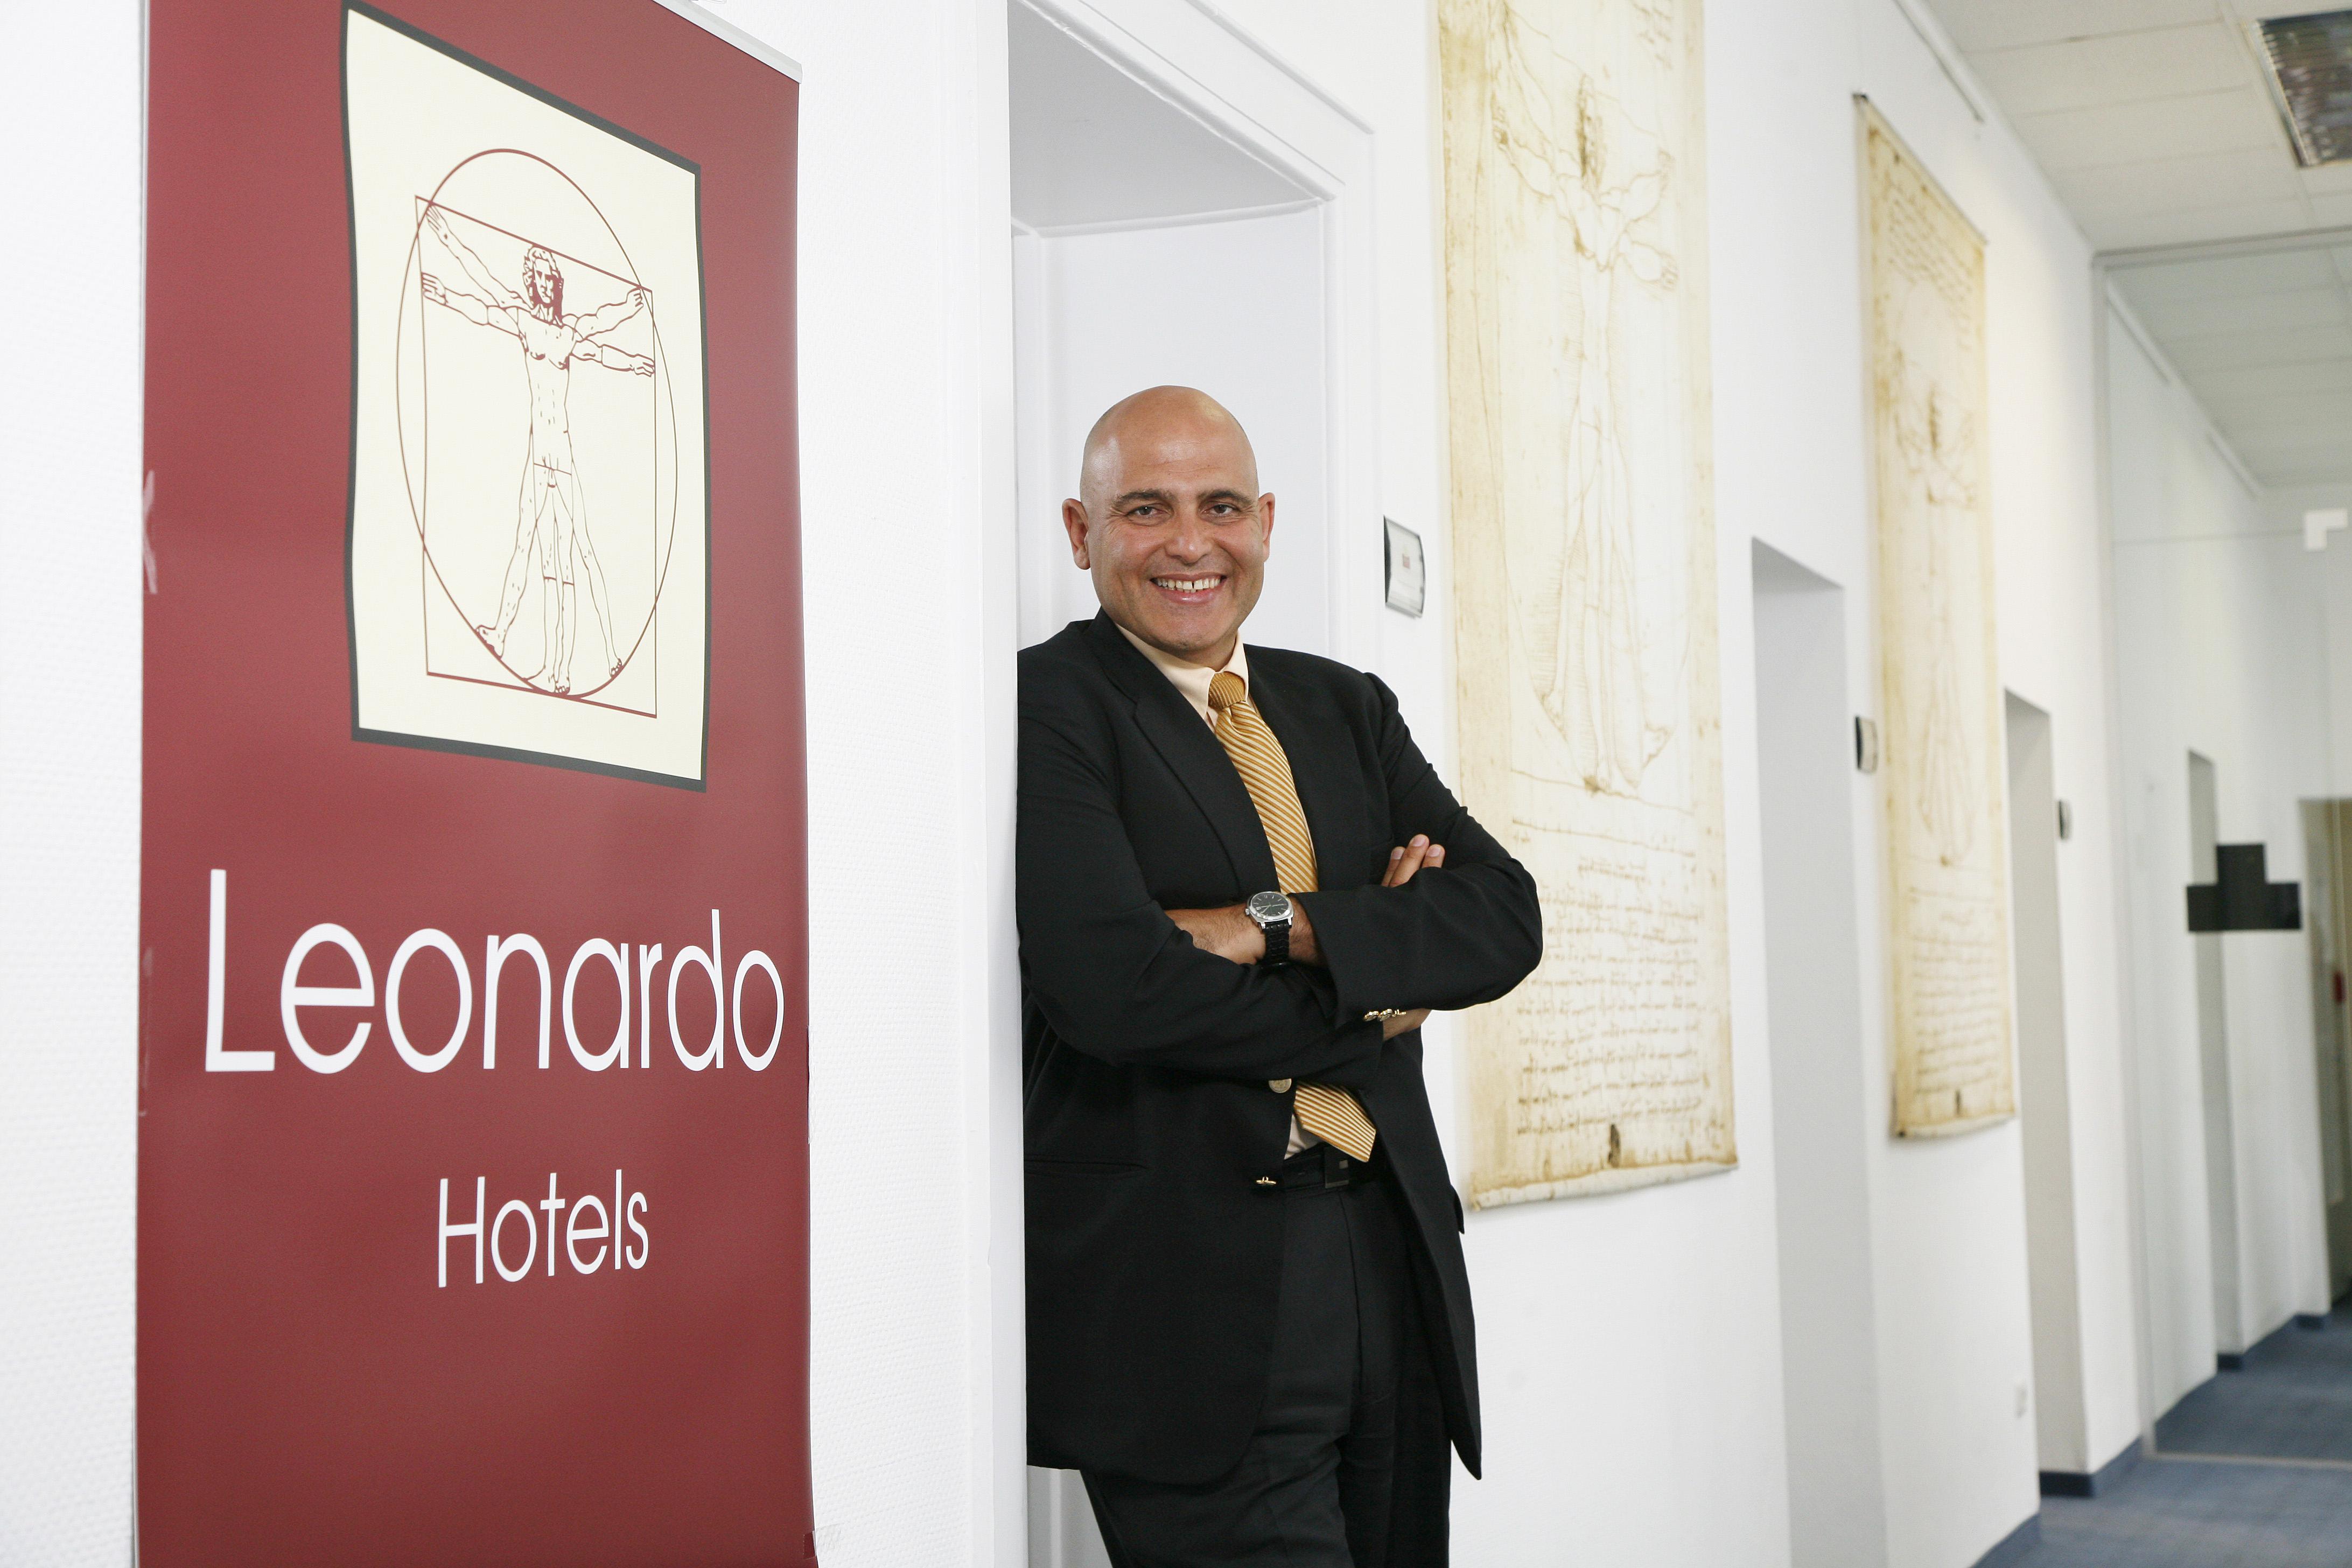 David Fattal, fondatore e CEO di Fattal Hotels Group & Leonardo Hotels